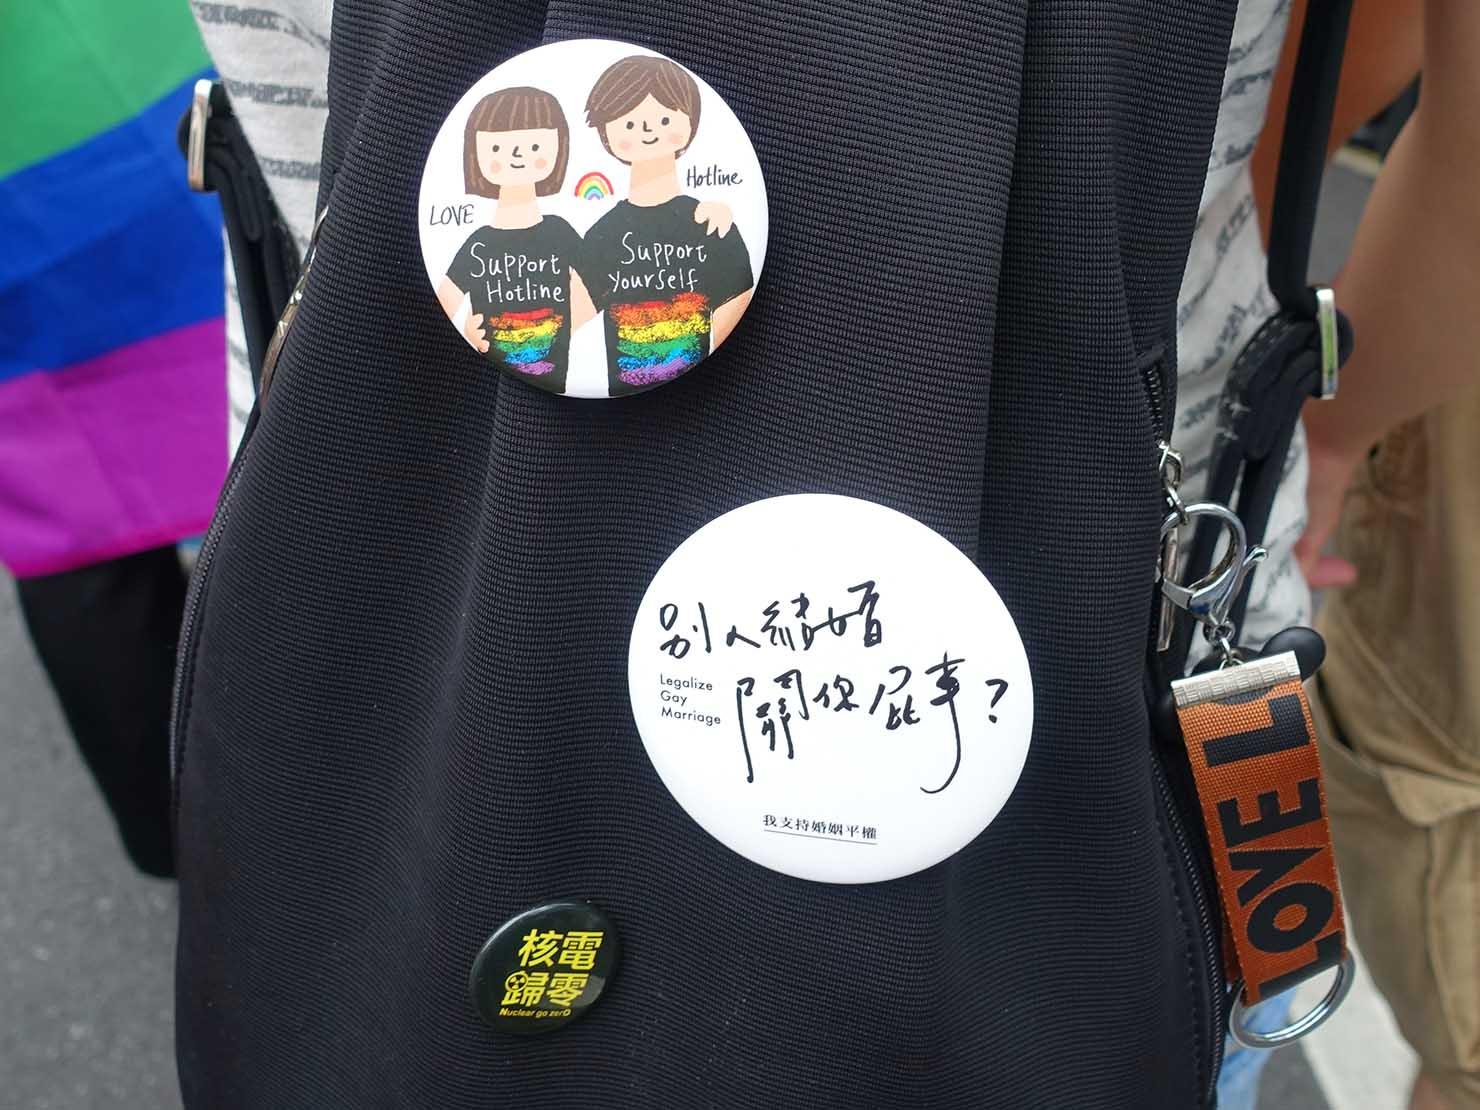 花東彩虹嘉年華(台湾東部LGBTプライド / 花蓮場)パレード参加者のピンバッチ